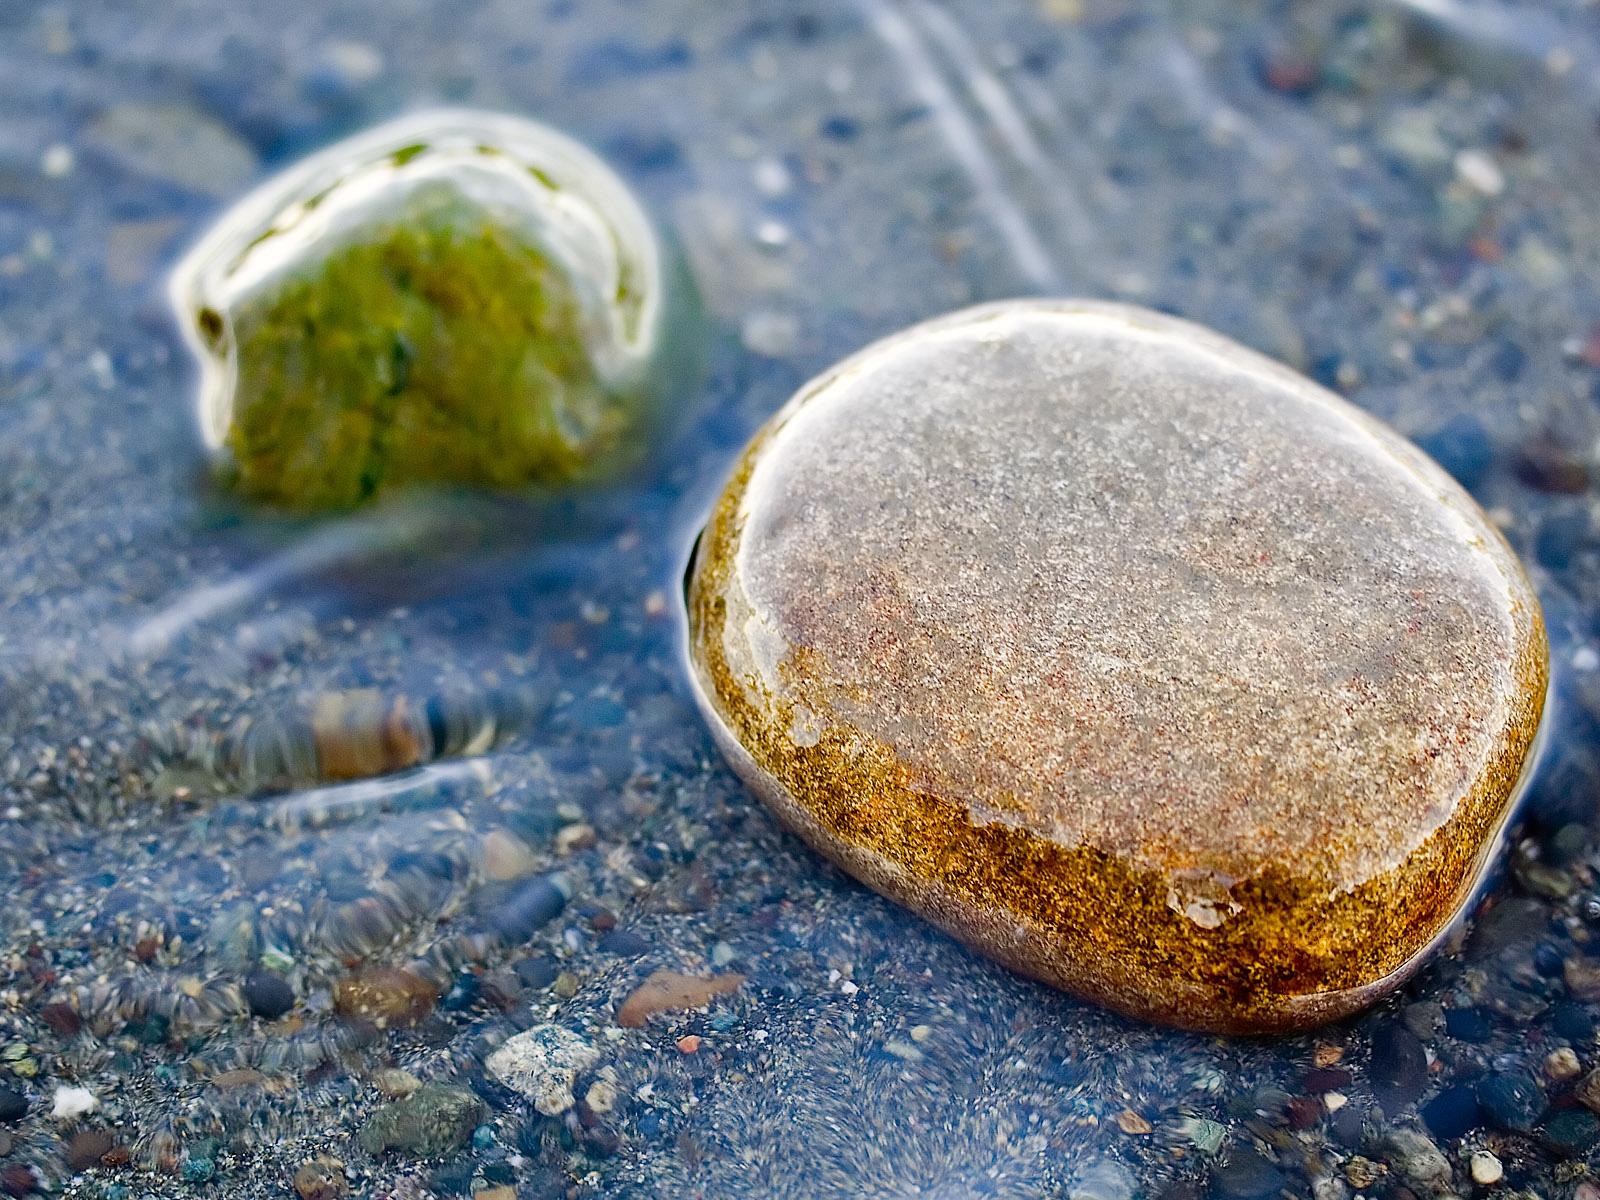 http://2.bp.blogspot.com/-o9UCLpKeDBk/UPLfI7vi7RI/AAAAAAAANG4/6iW7xiRAEk8/s1600/nature_beach_wet_stone_wallpaper-normal.jpg